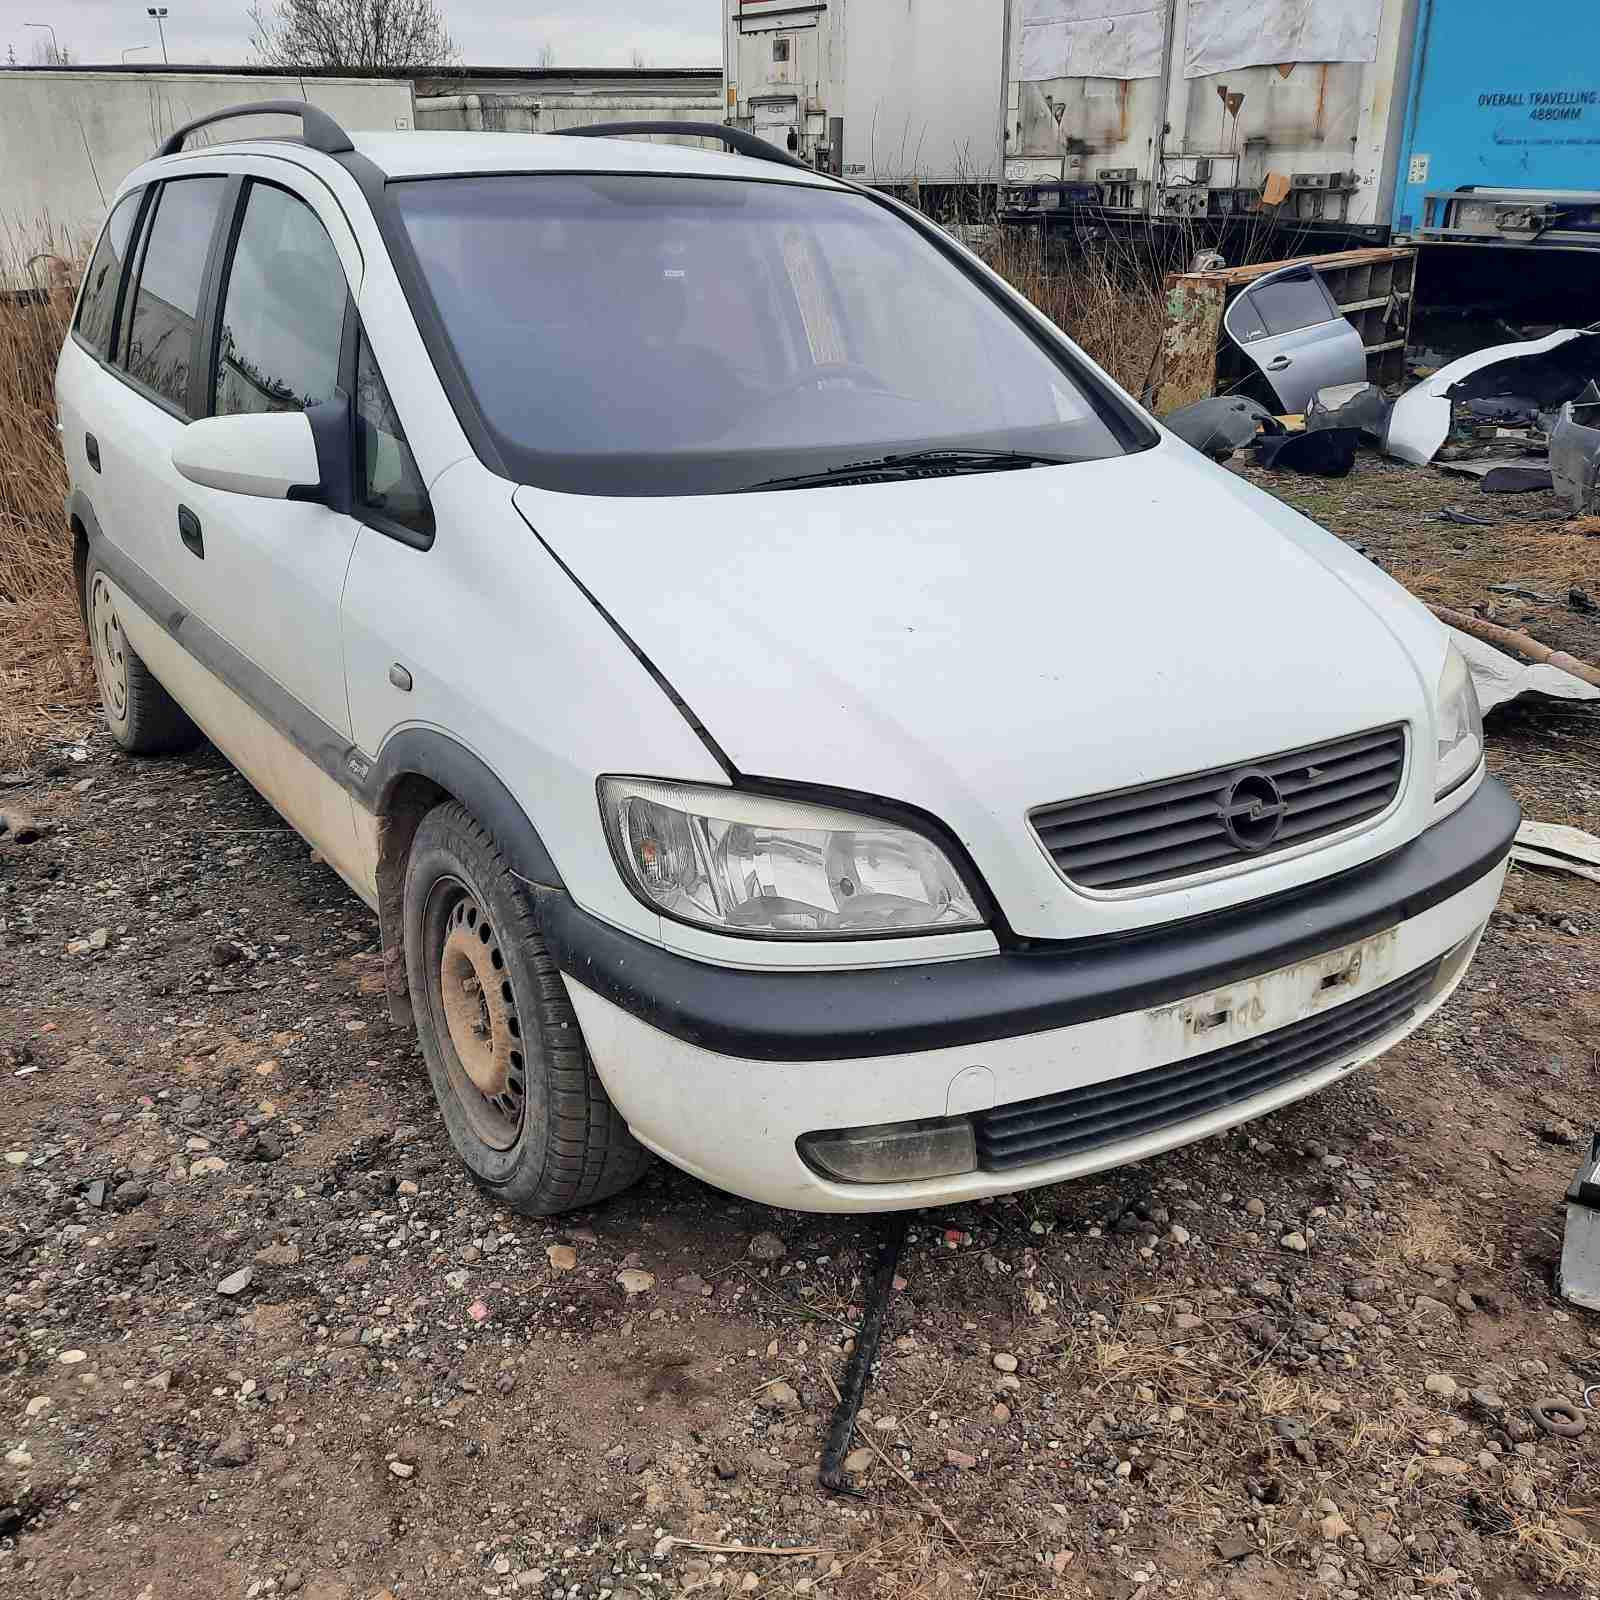 Подержанные Автозапчасти Opel ZAFIRA 2000 2.0 машиностроение минивэн 4/5 d. белый 2021-4-13